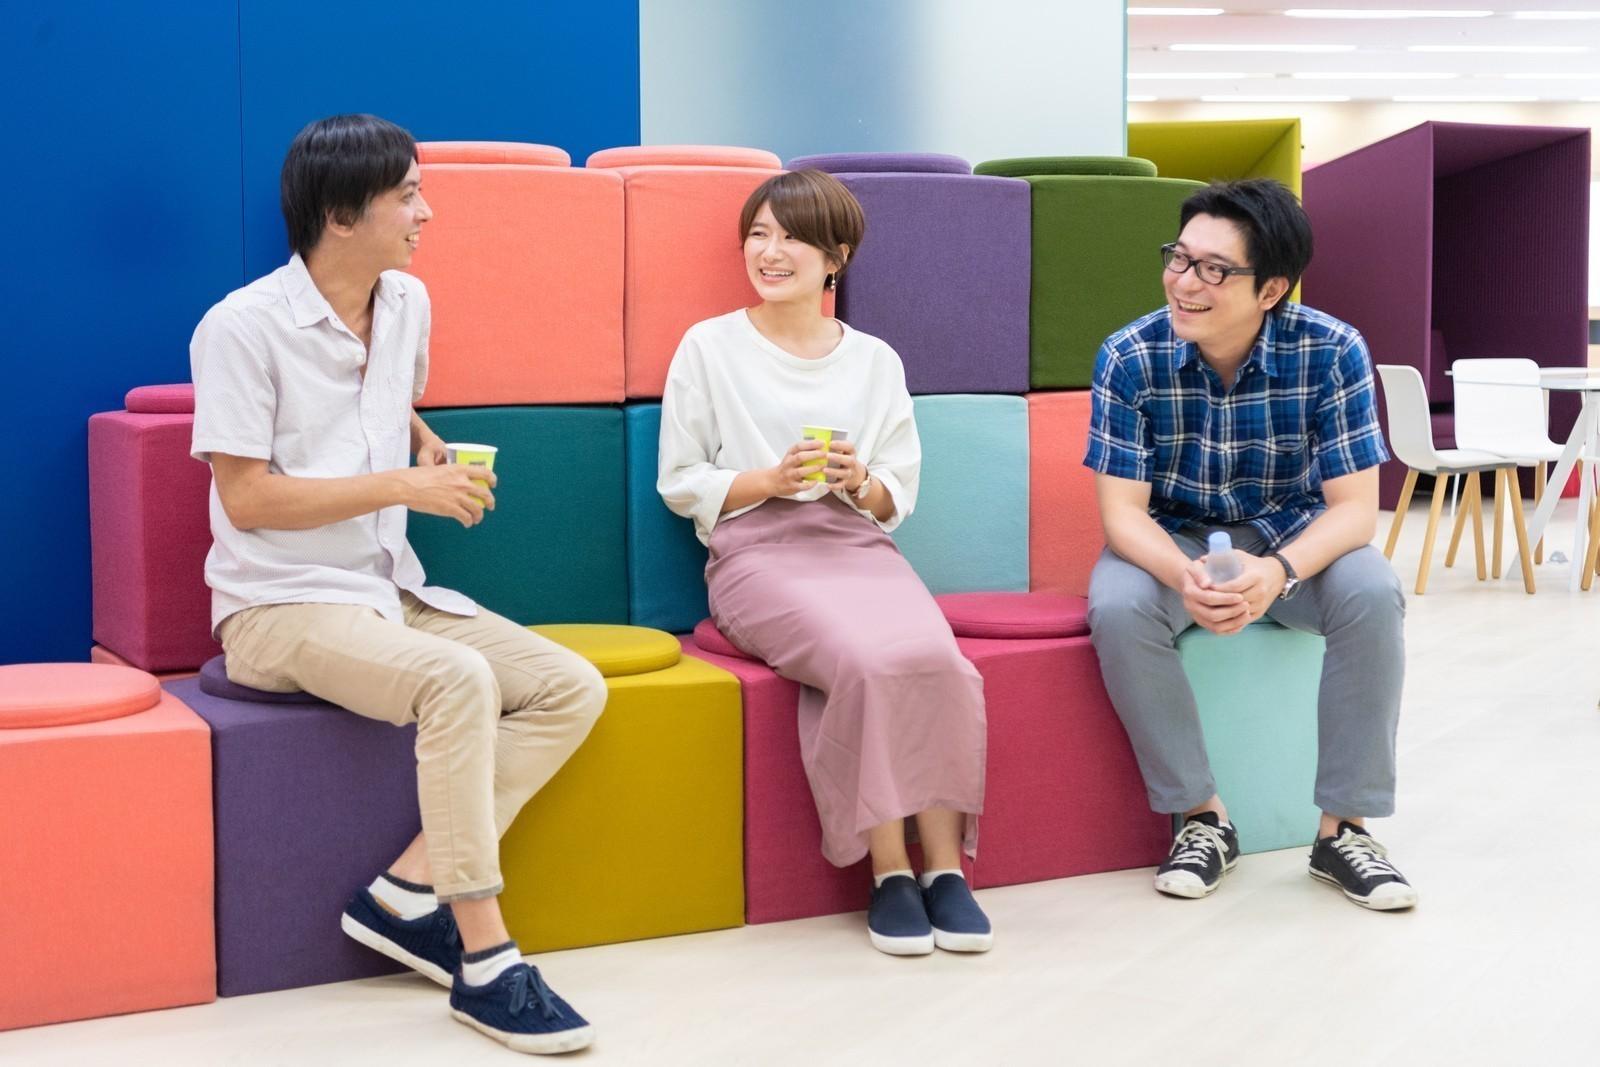 福祉・教育業界で躍進する全社ITインフラの企画立案/推進【マネージャー候補】